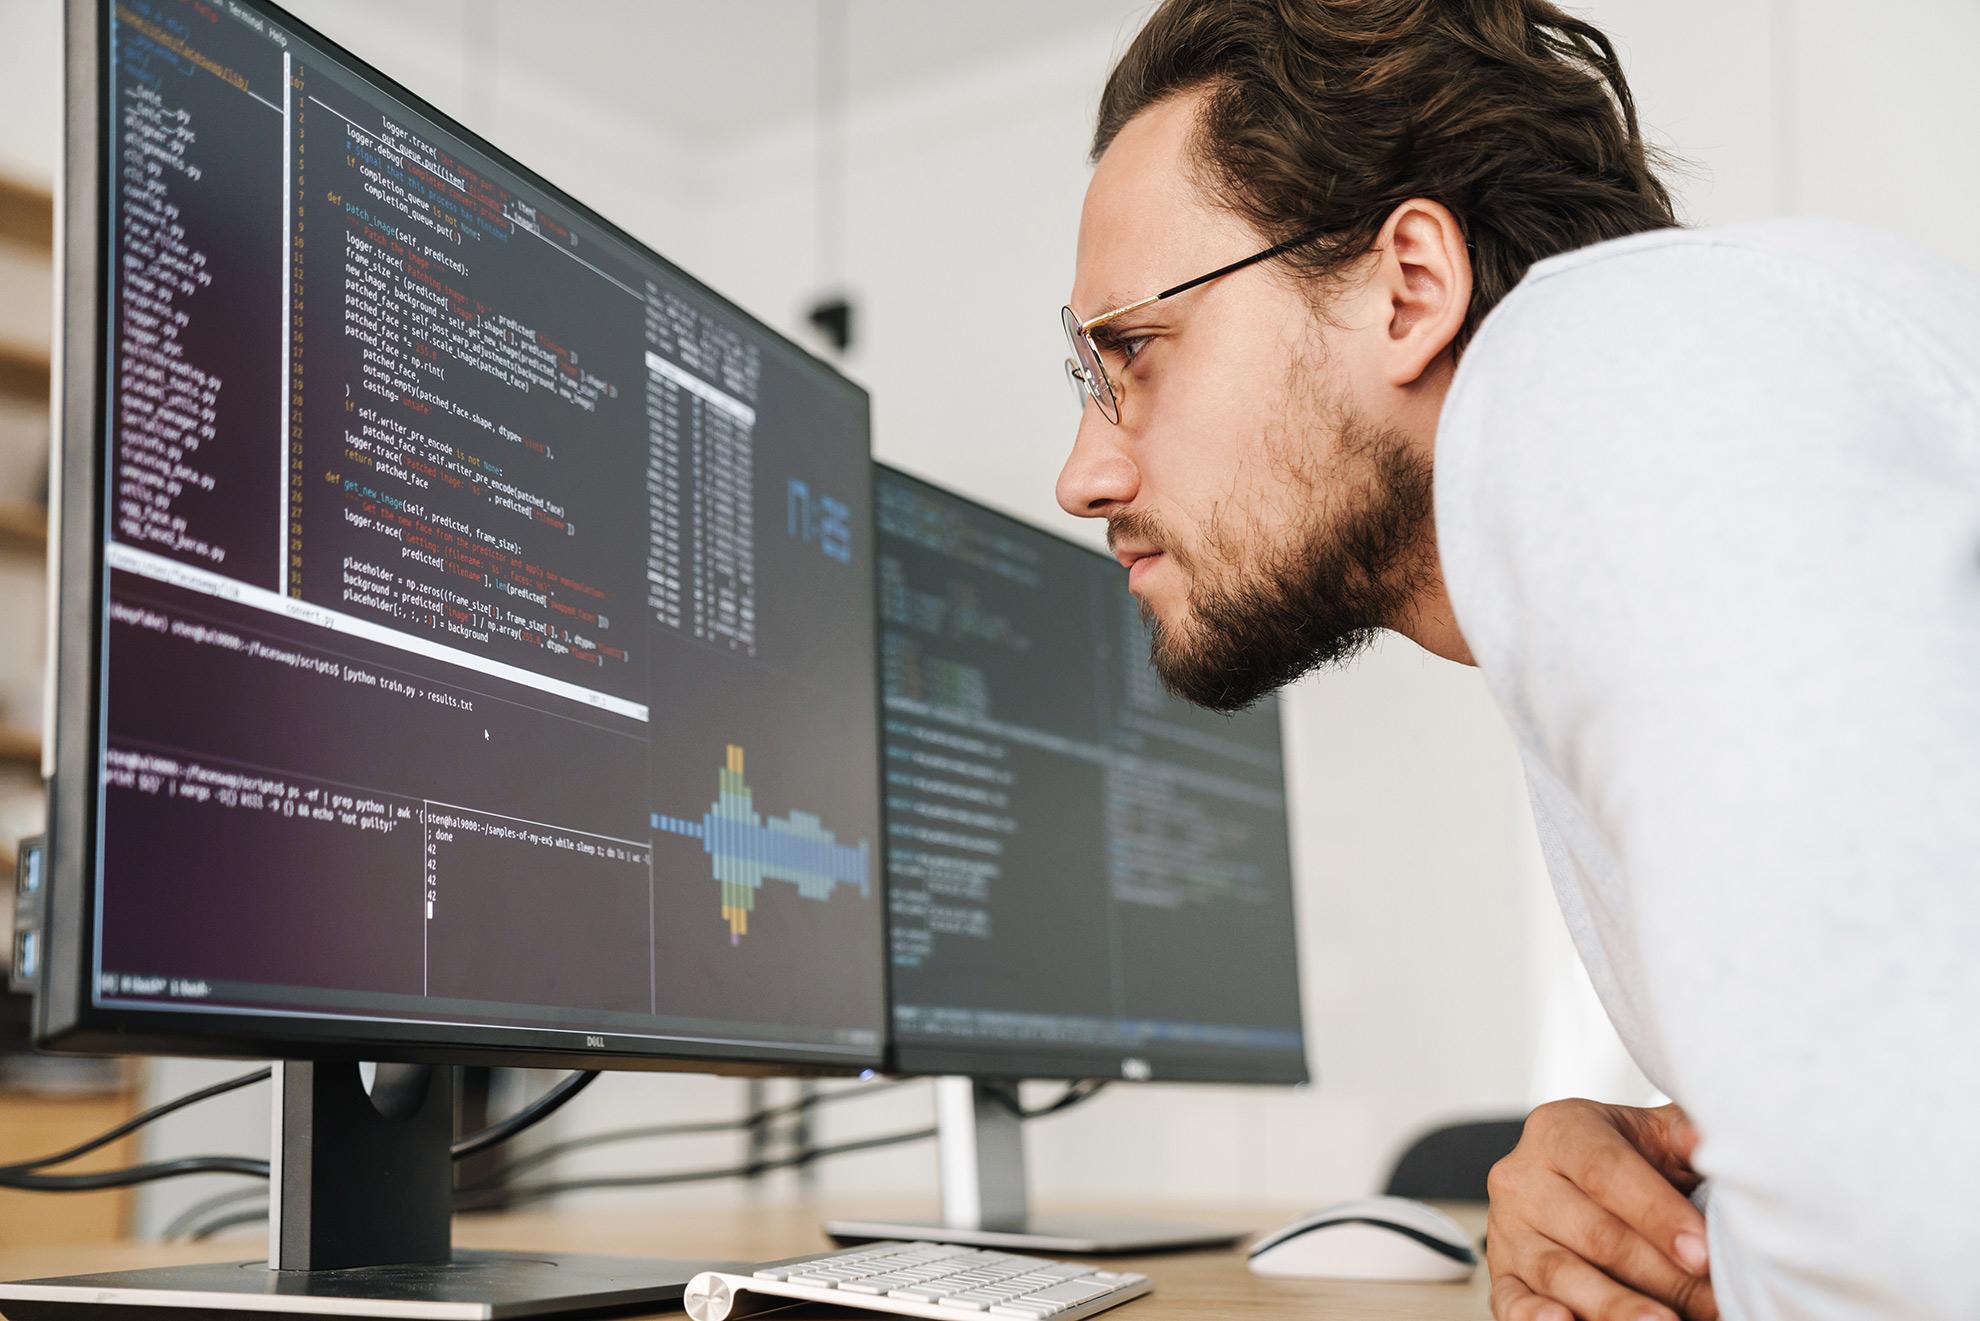 Programista wpatrujący się w kod, ilustracja do artykułu